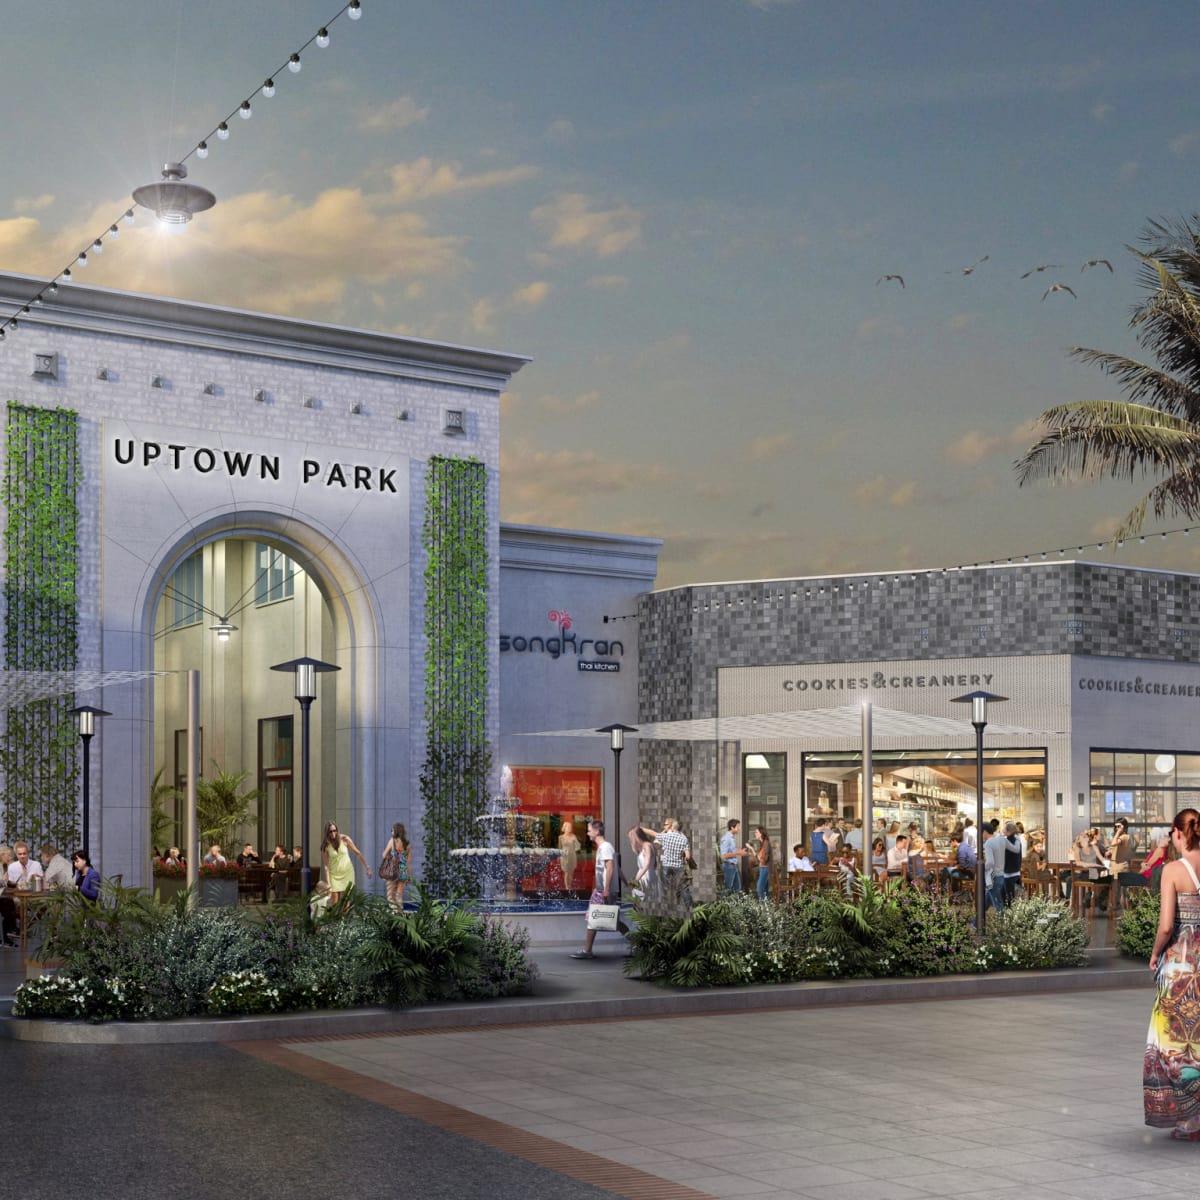 Uptown Park shopping center rendering